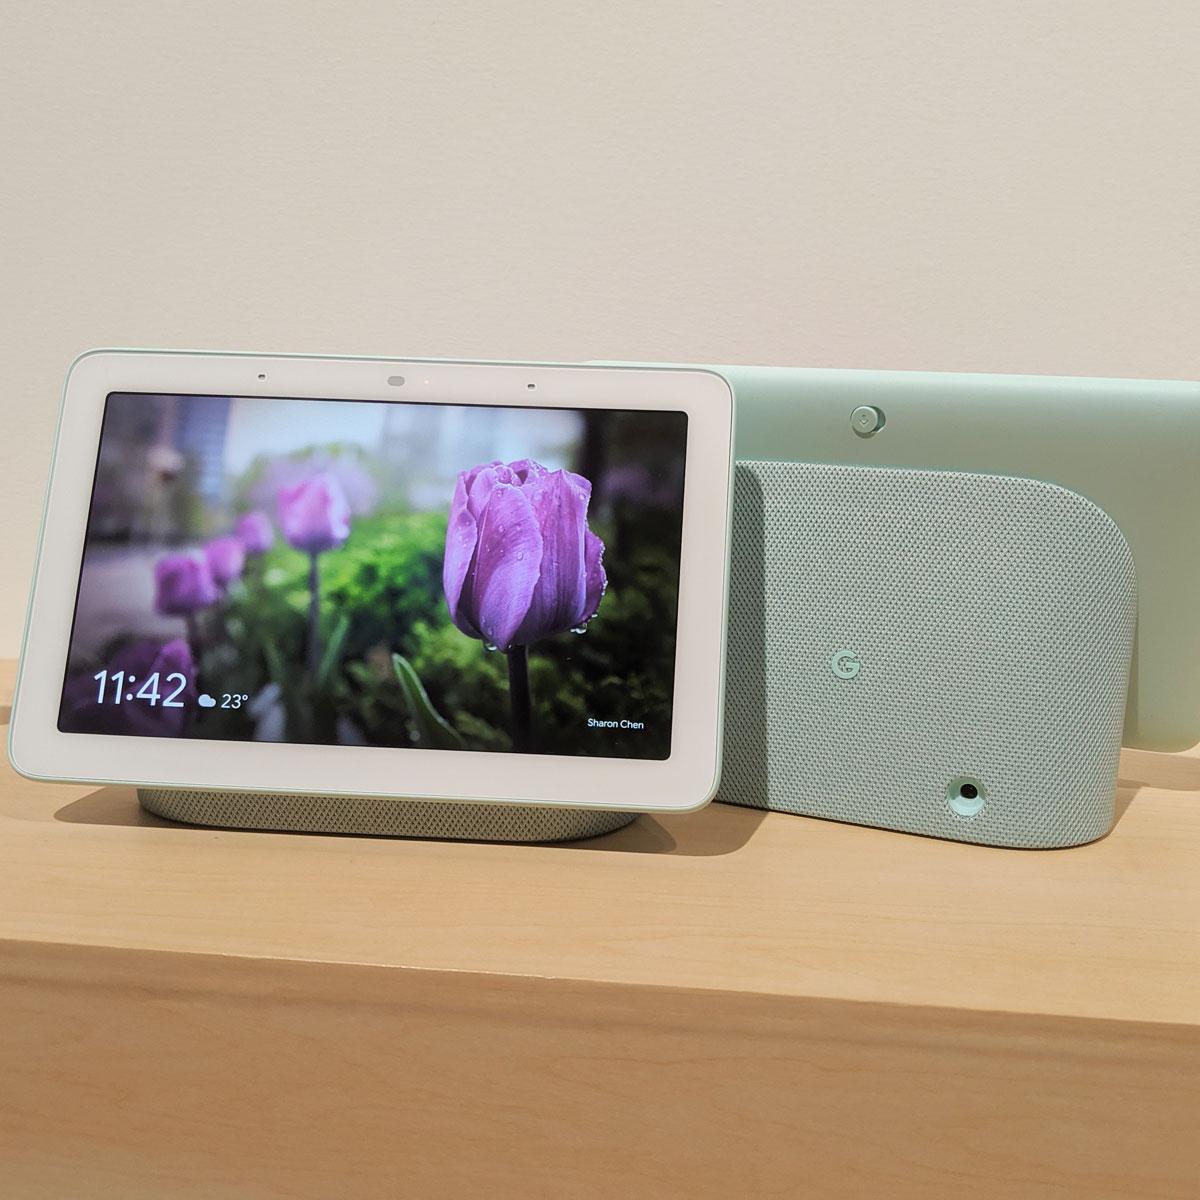 Googleのスマートディスプレイ「Google Nest Hub」でできることとは?